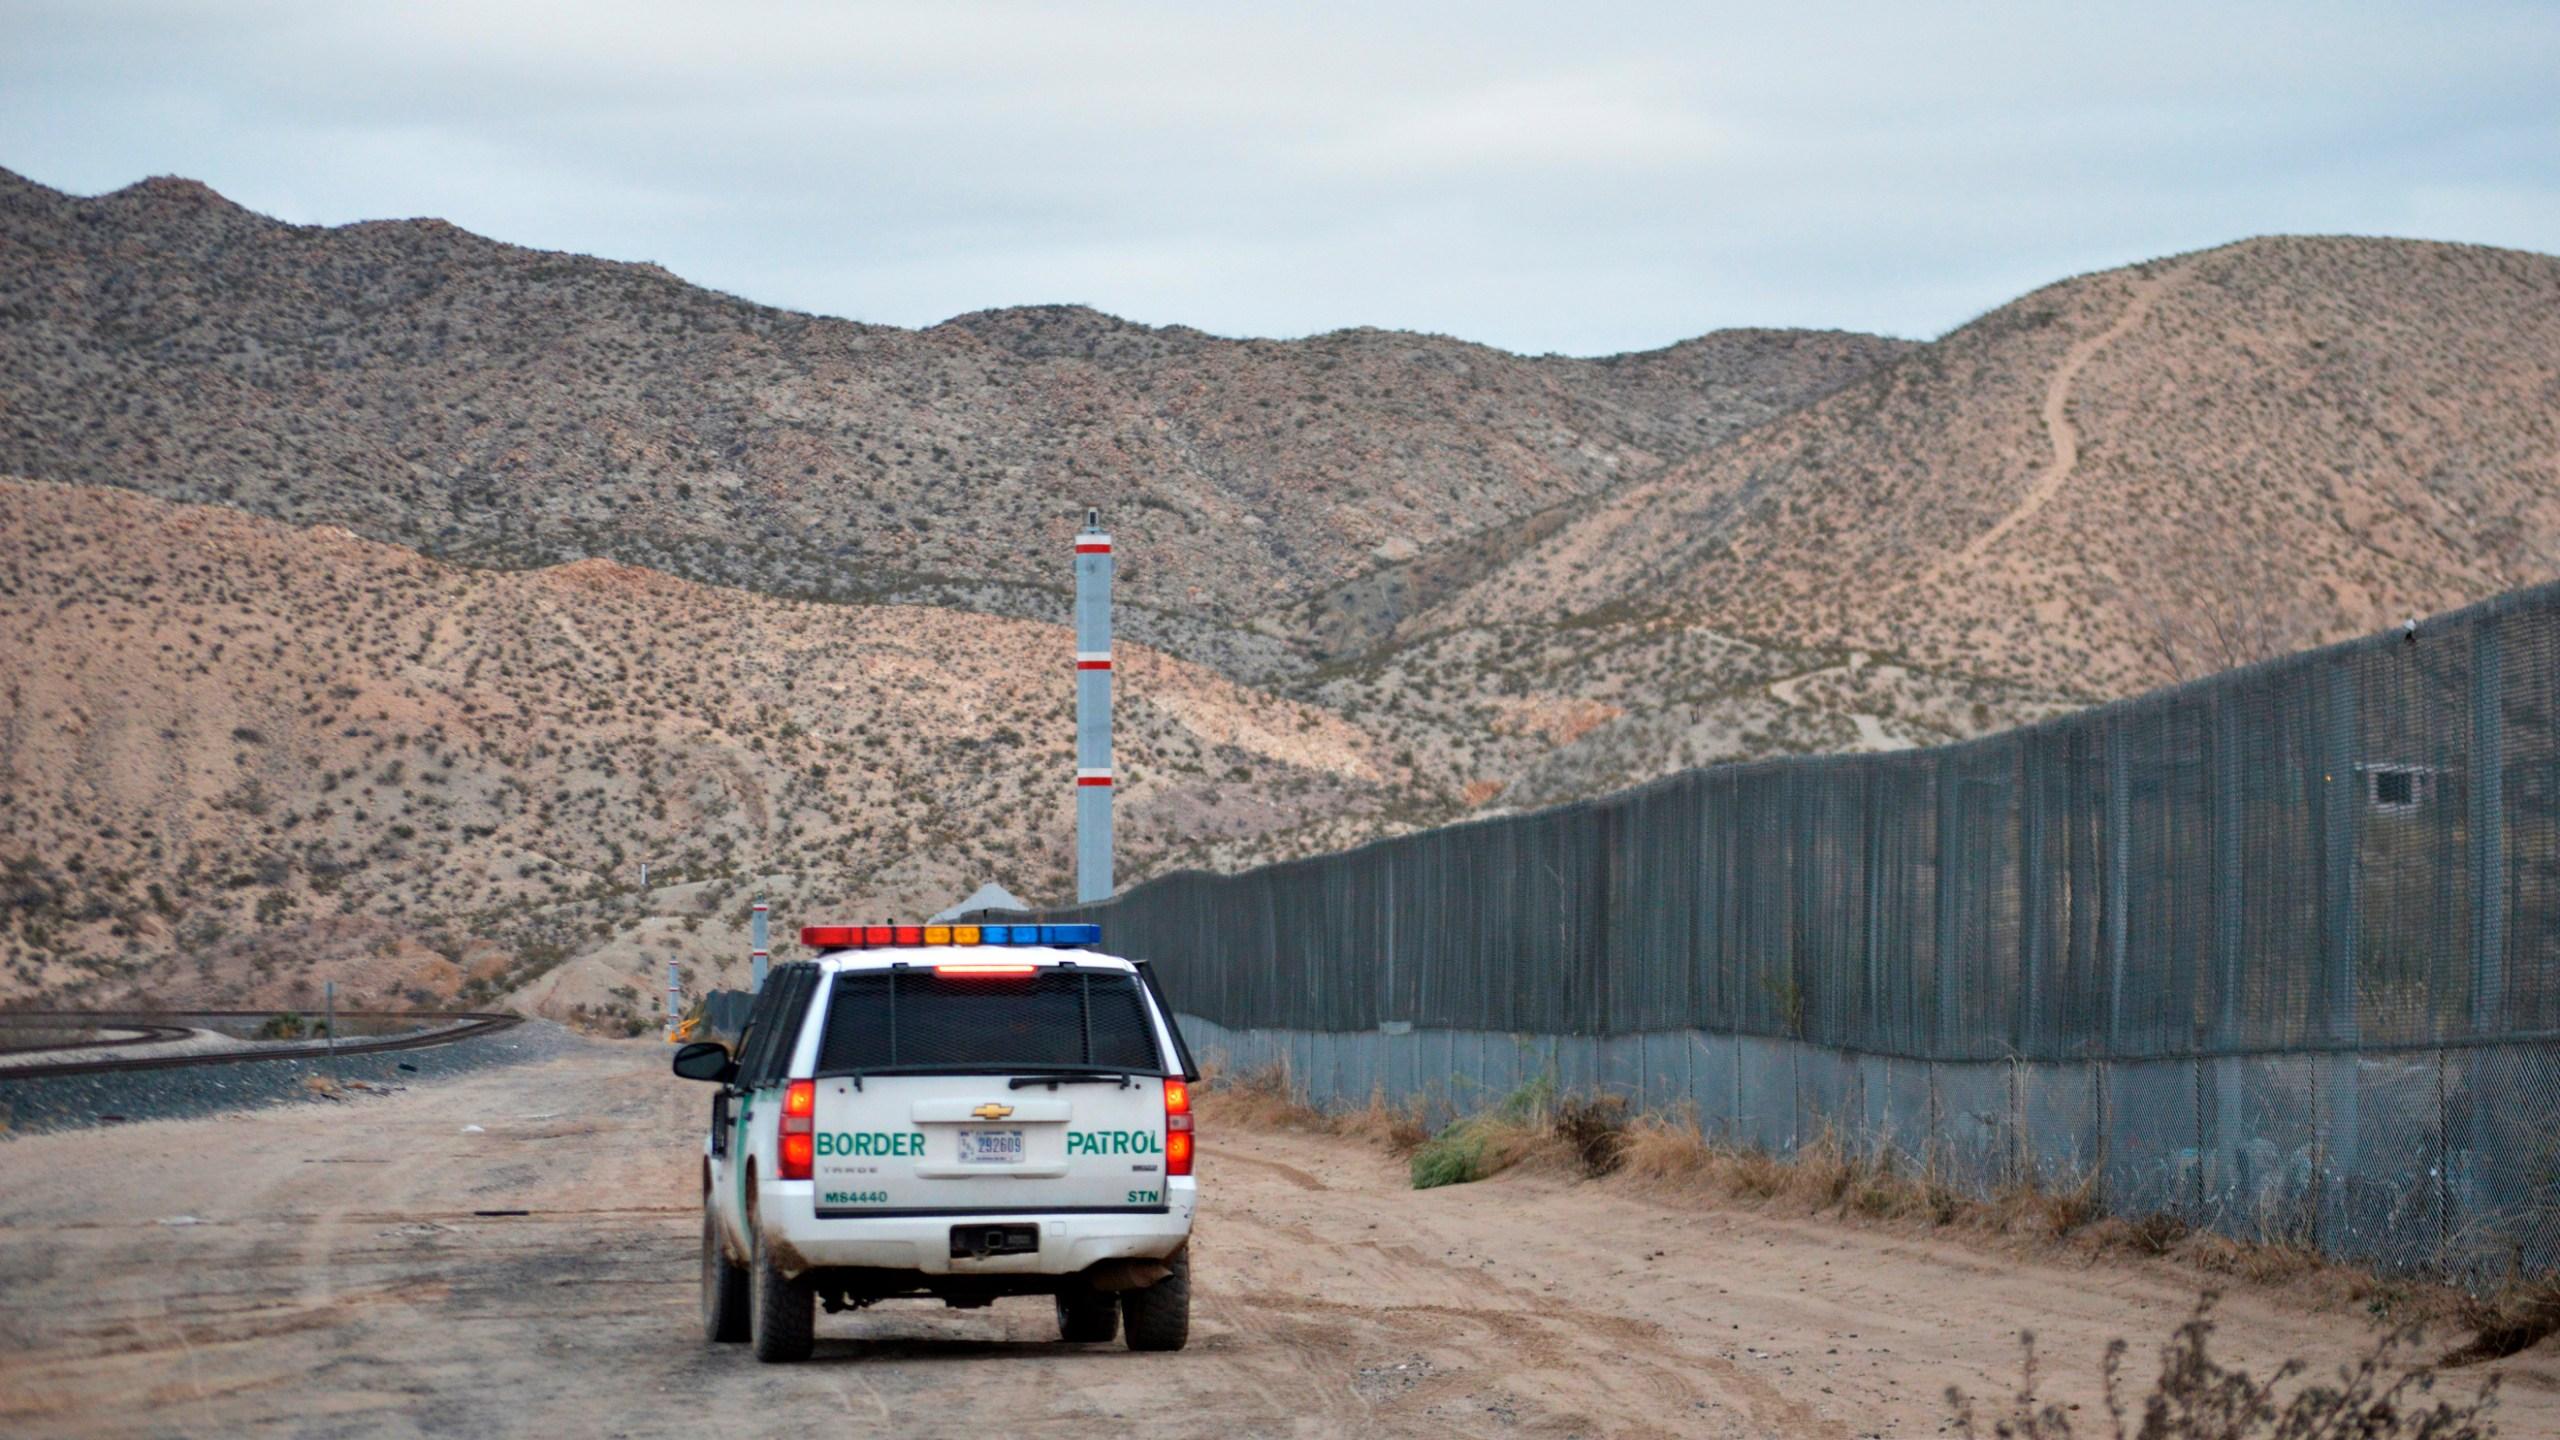 Child_Dead_Border_Patrol_54818-159532.jpg55278865